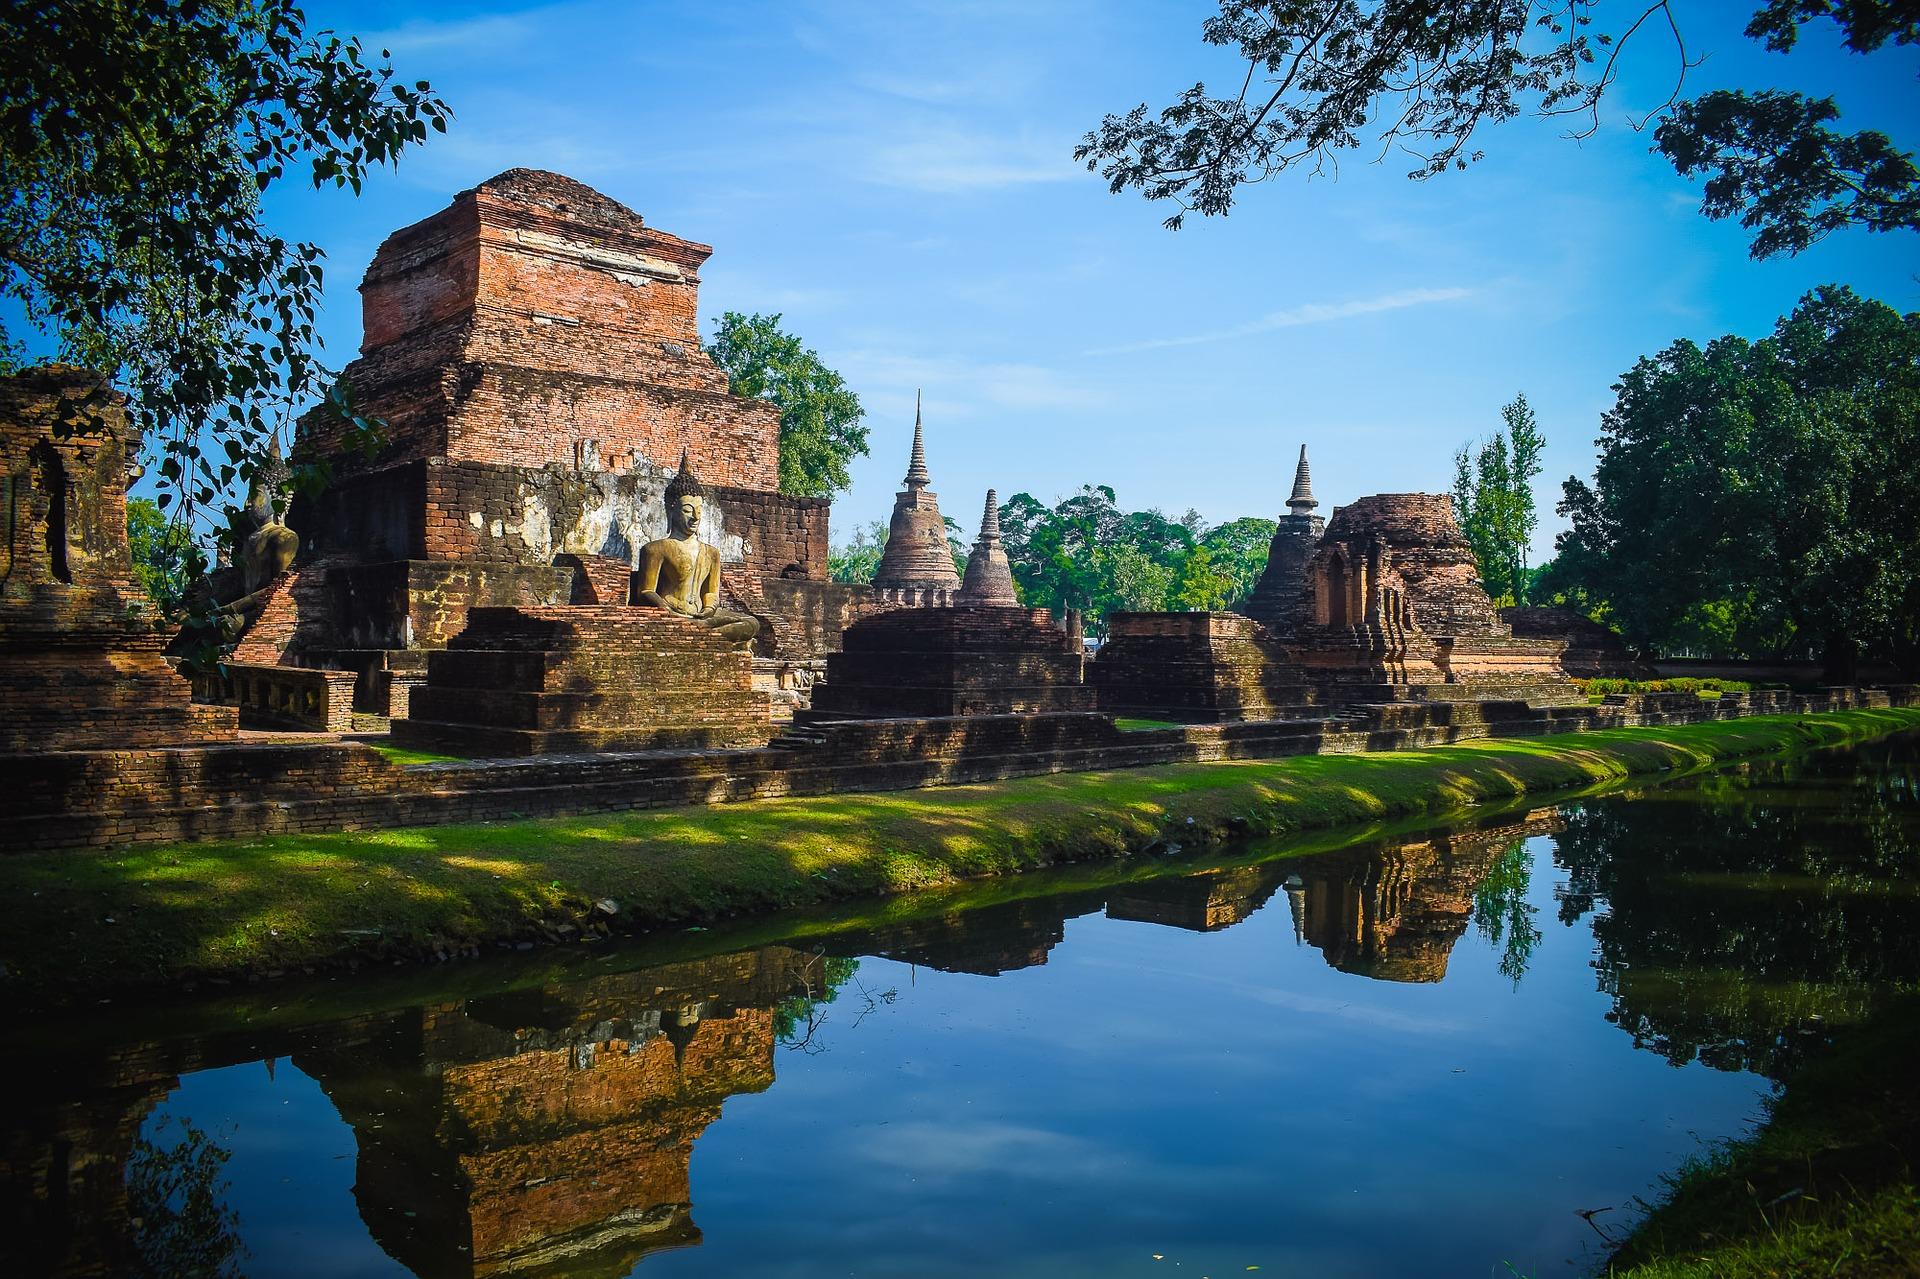 sukhothai-historical-park-1924568_1920.jpg